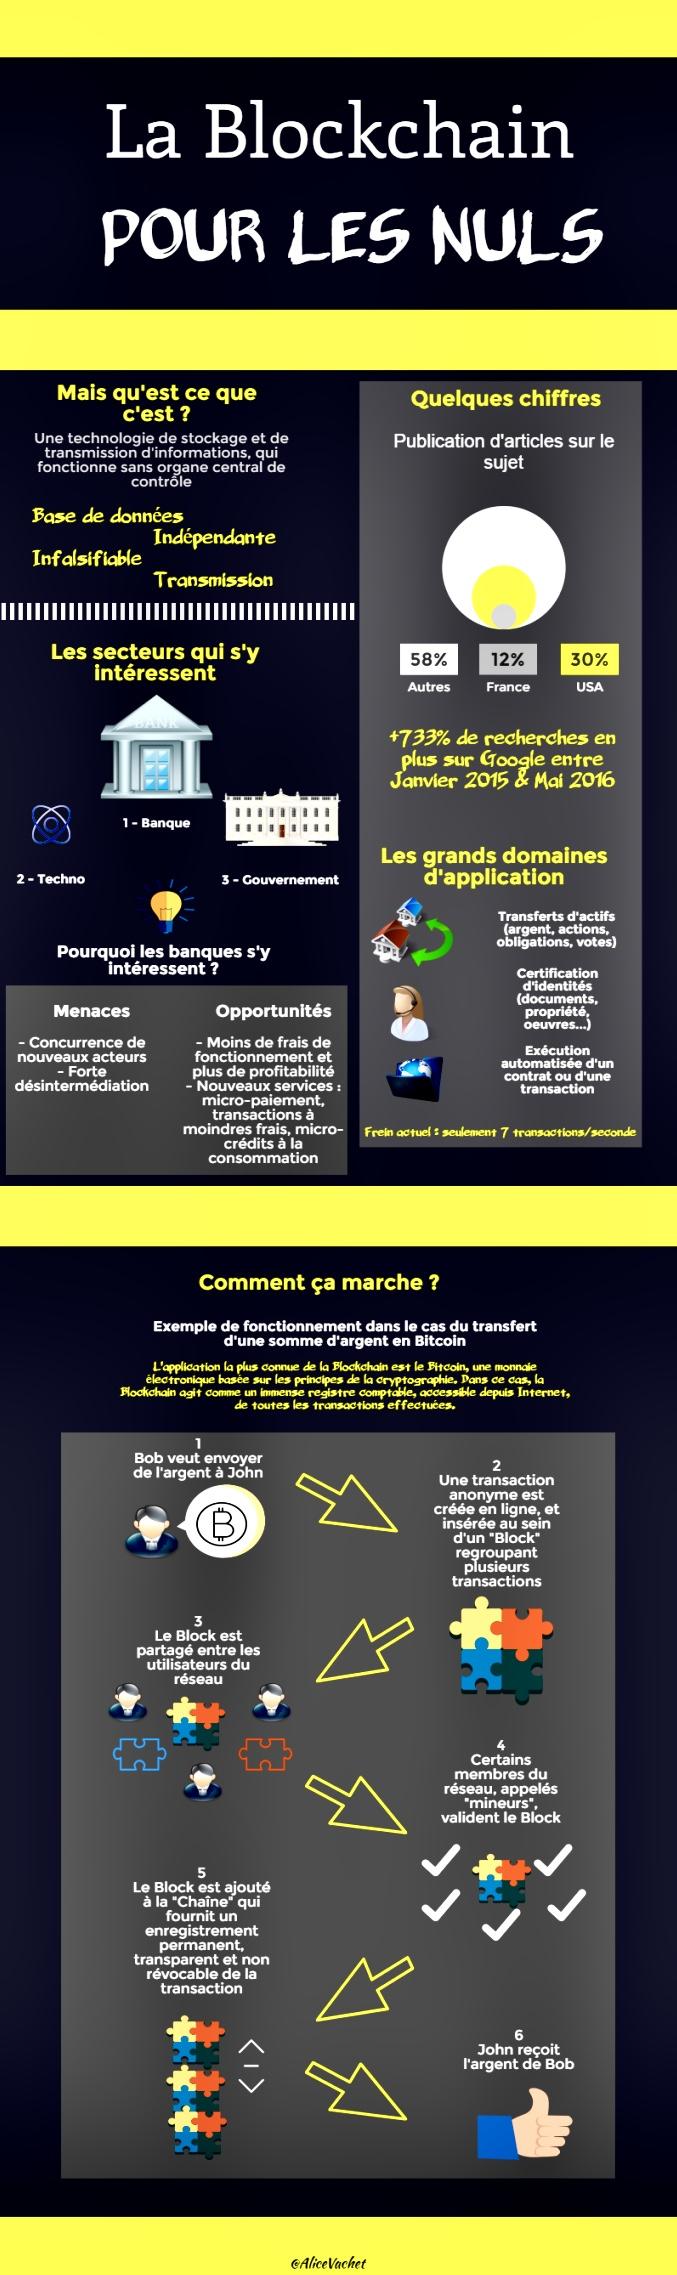 [Infographie] La Blockchain pour les Nuls☝🏻